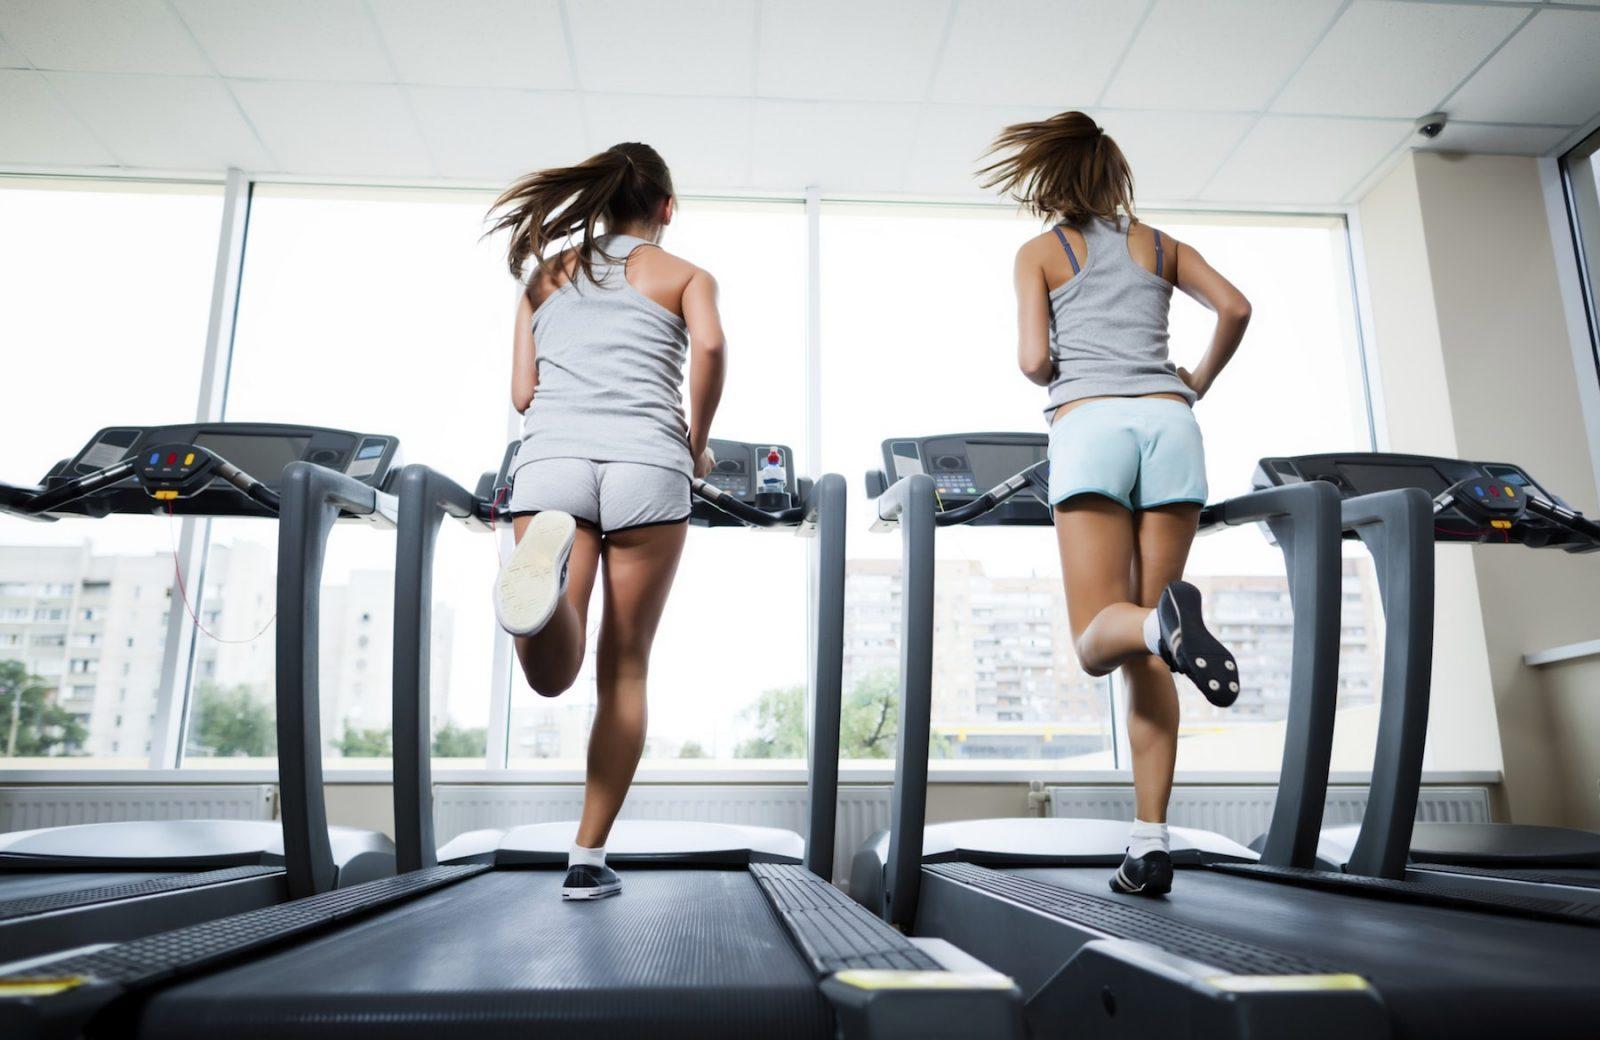 Две девушки в спортзале выполняют пробежку на беговой дорожке